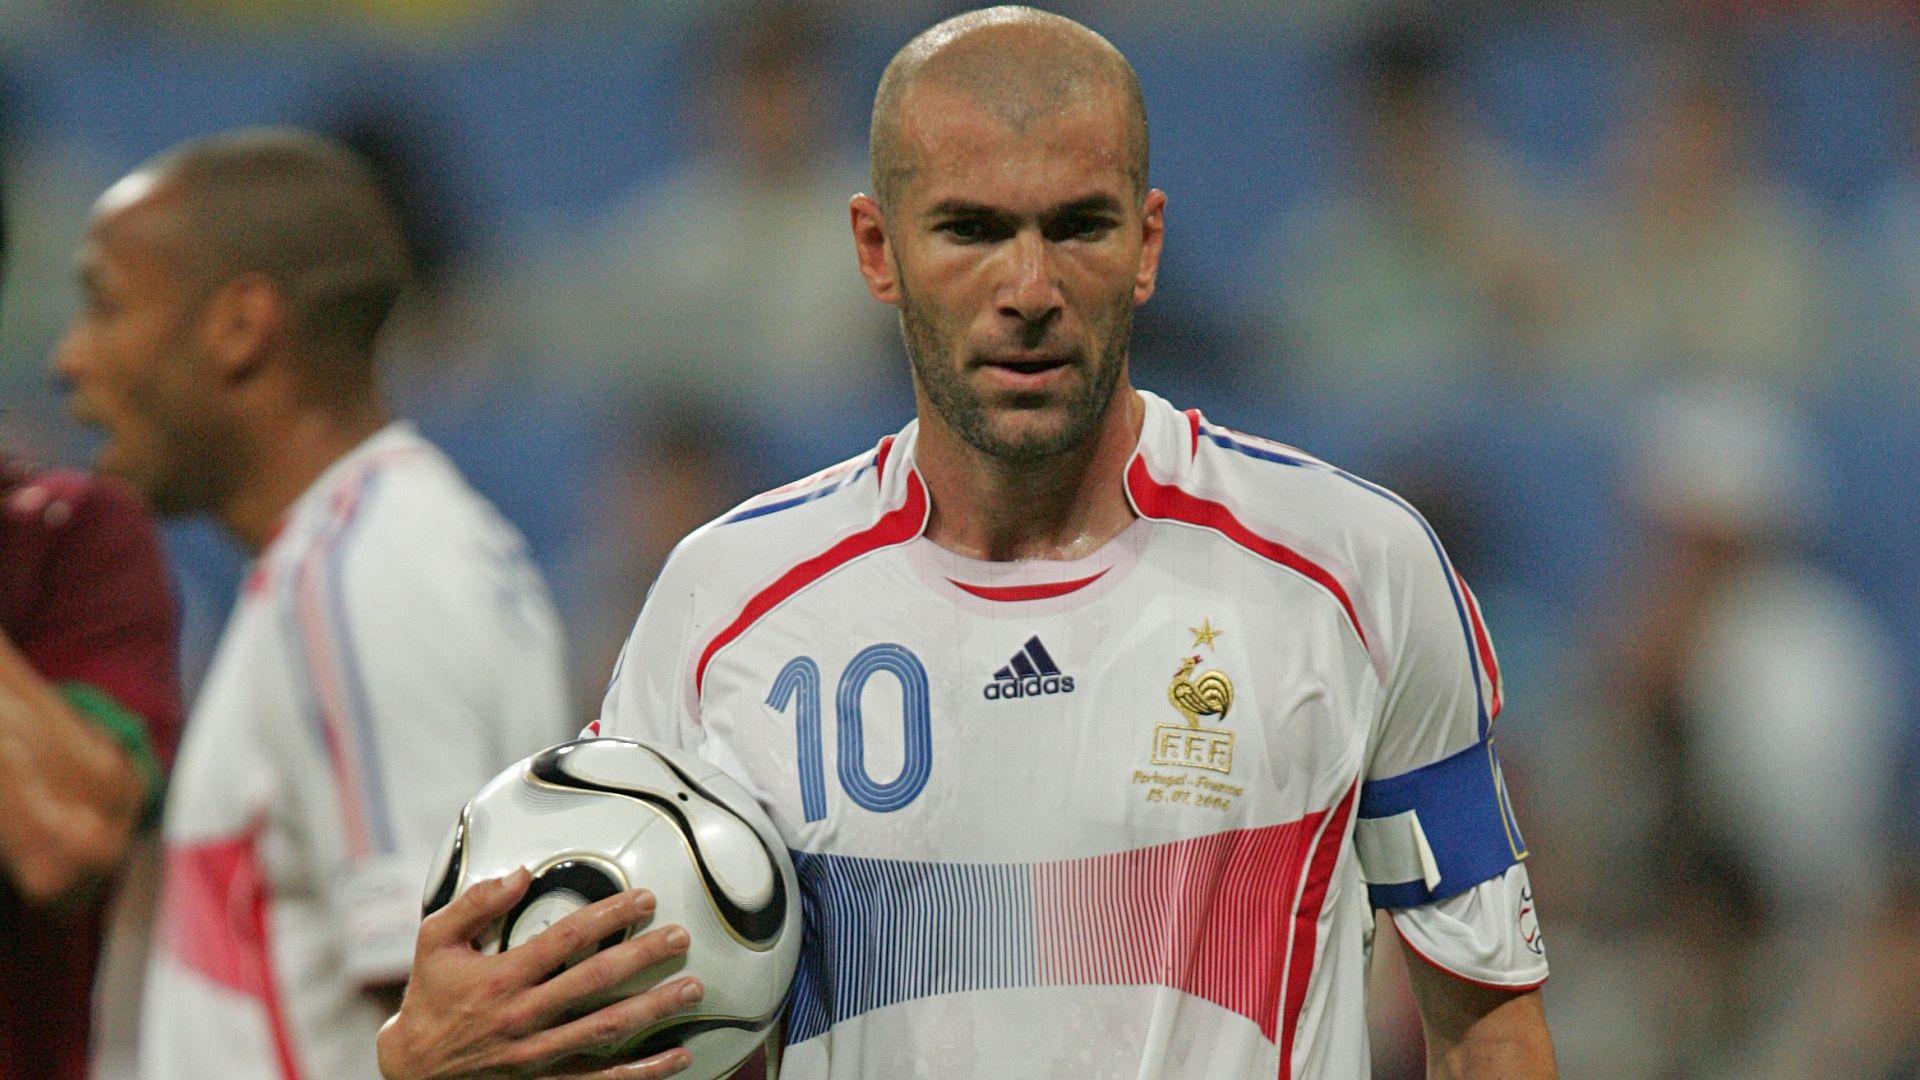 Zinedine Zidane în naționala Franței. Sursă foto: goal.com